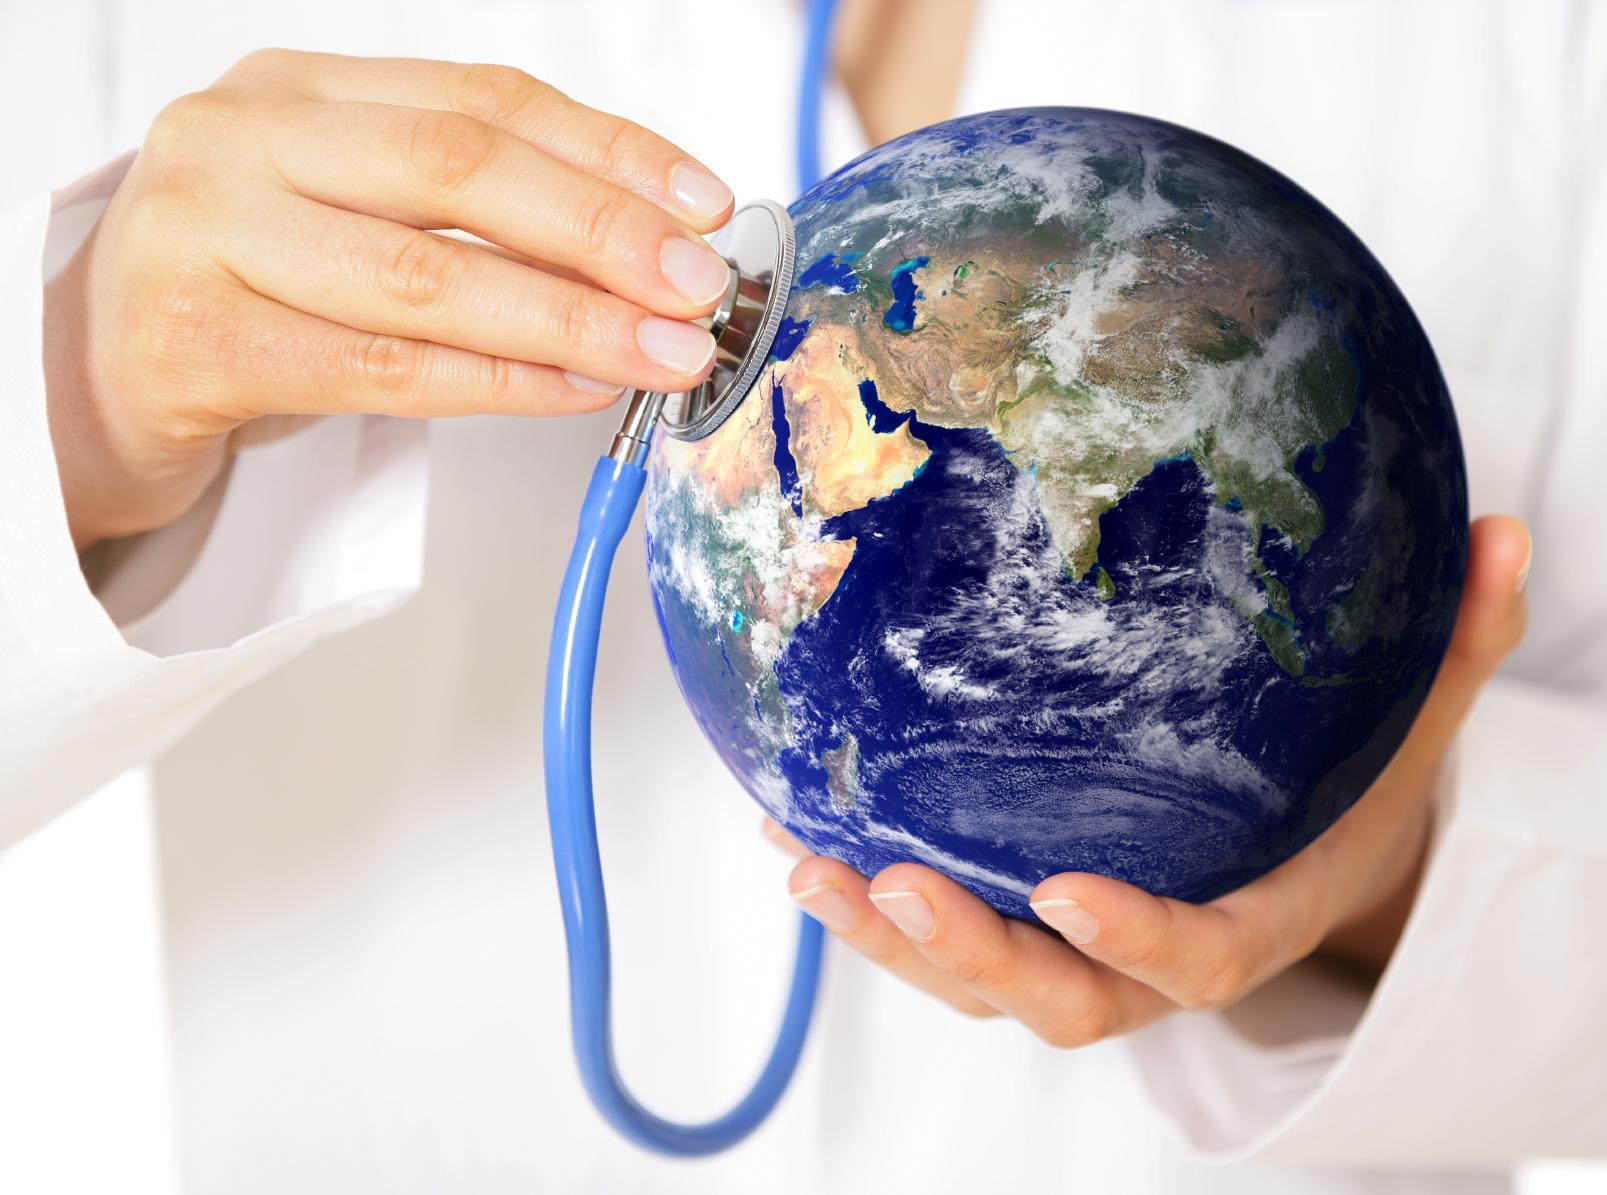 Sanità privata e digitale, ipotesi di lavoro, nasce l'Health Incoming ?